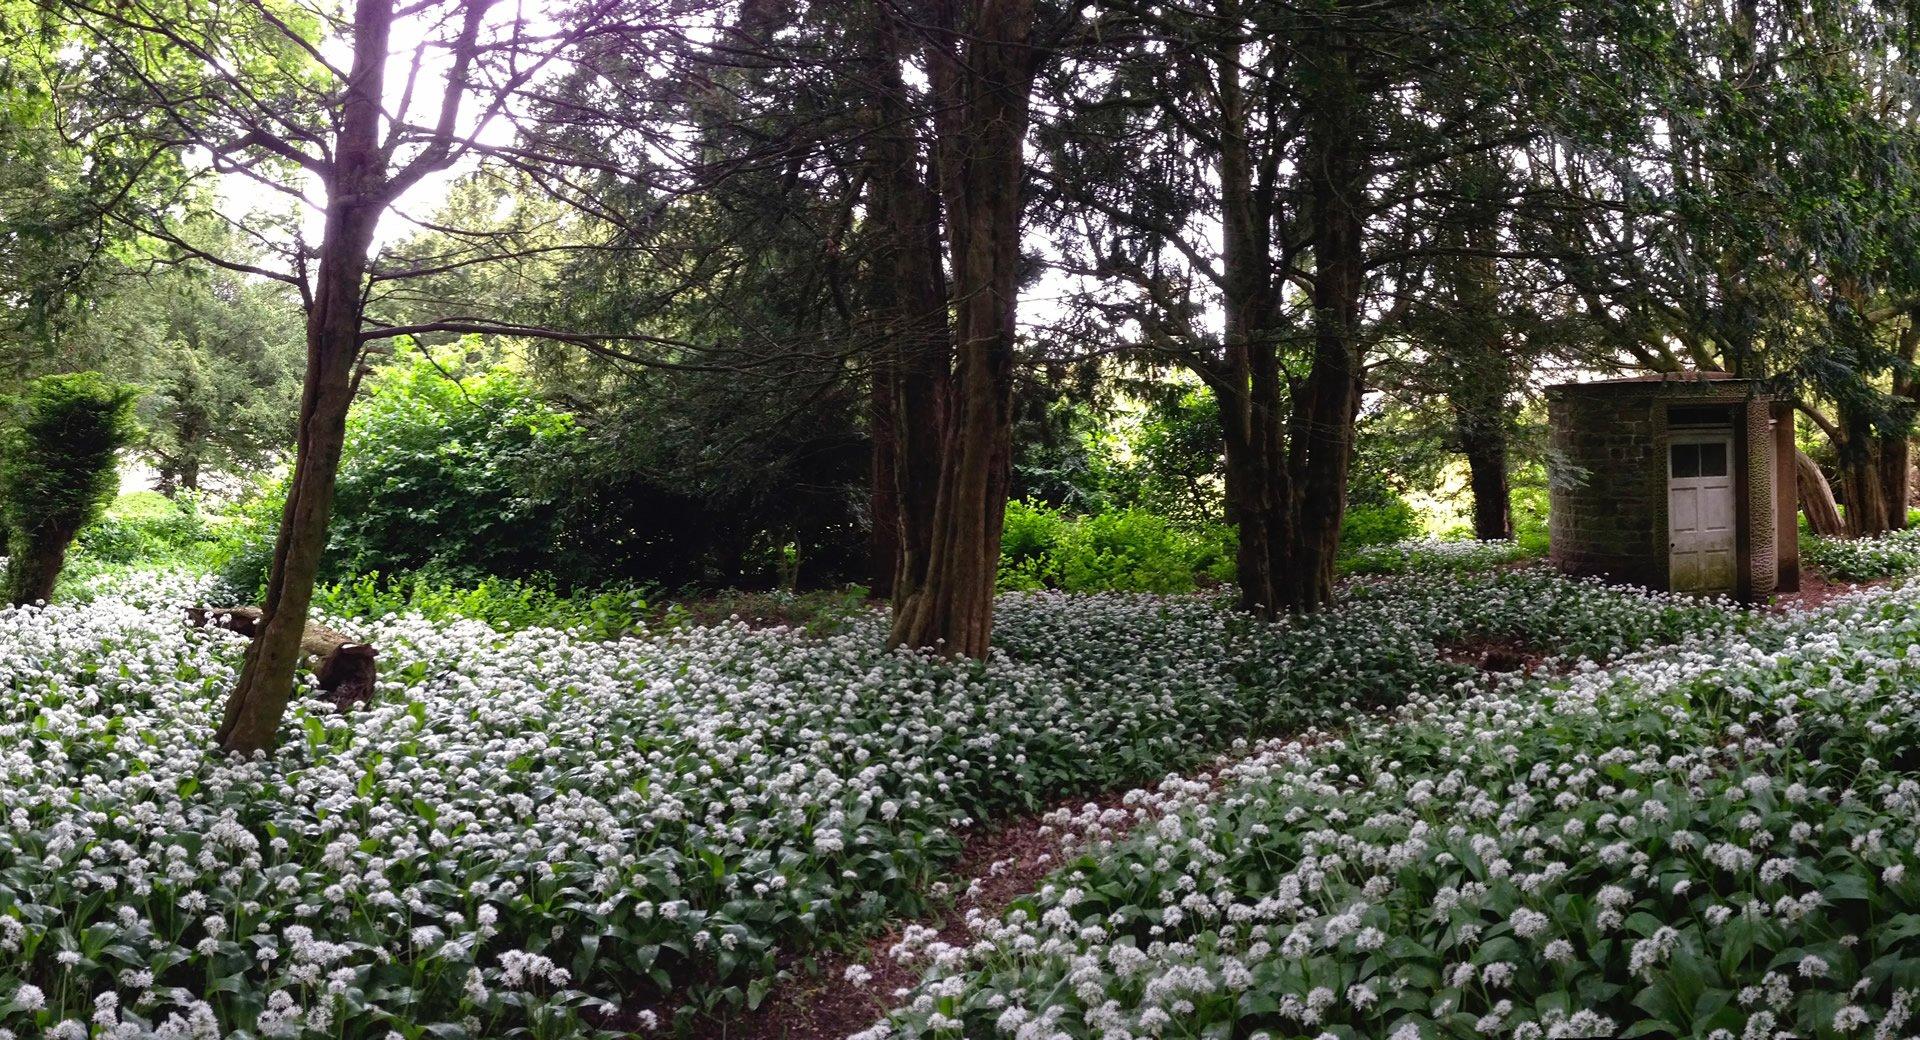 wild garlic in the forest